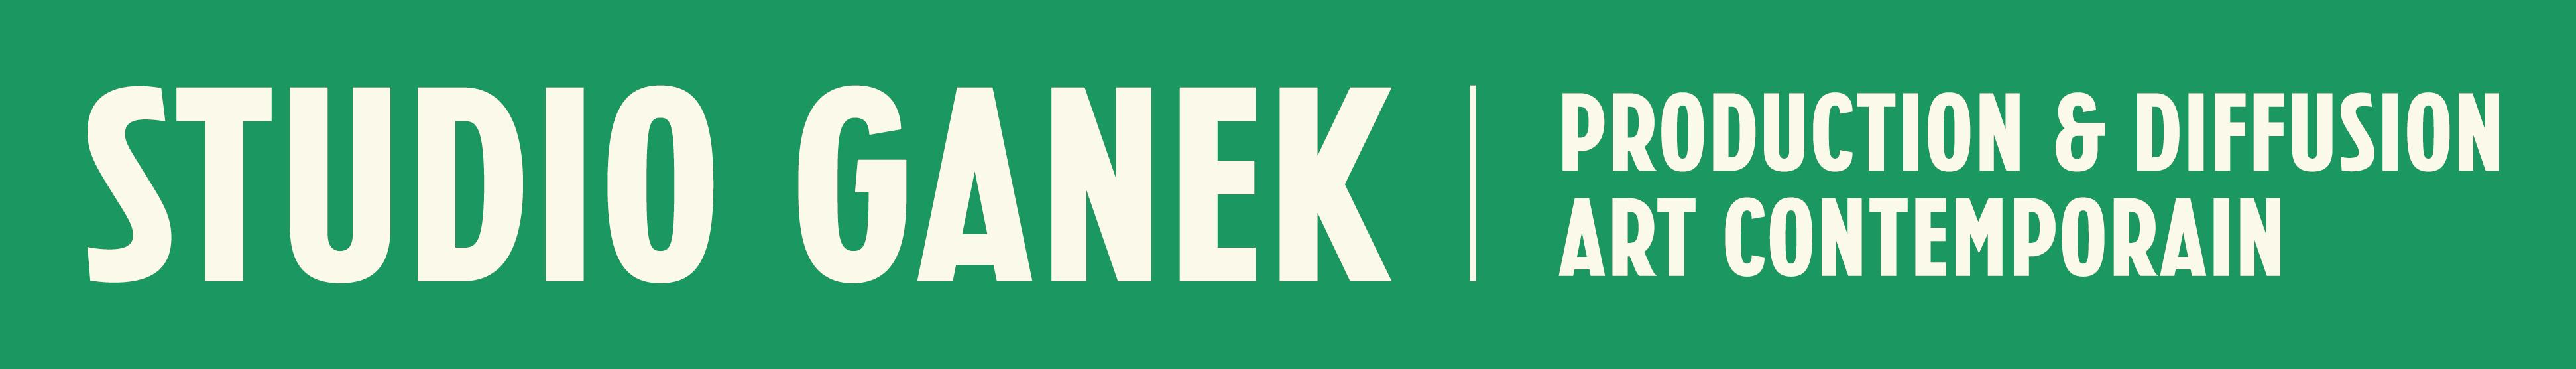 Studio Ganek